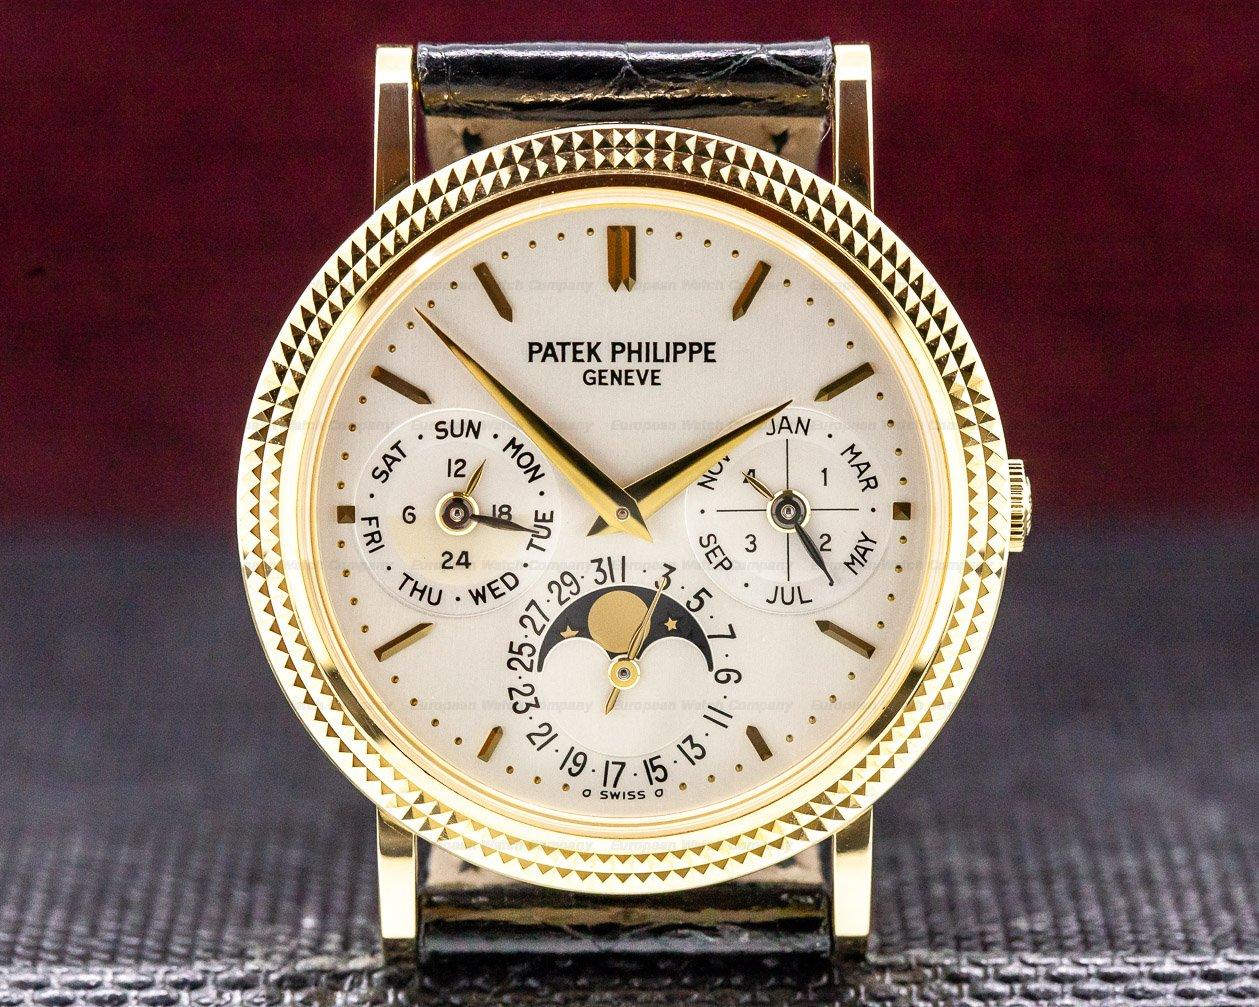 Patek Philippe 5039J-001 Perpetual Calendar 18K Yellow Gold UNWORN